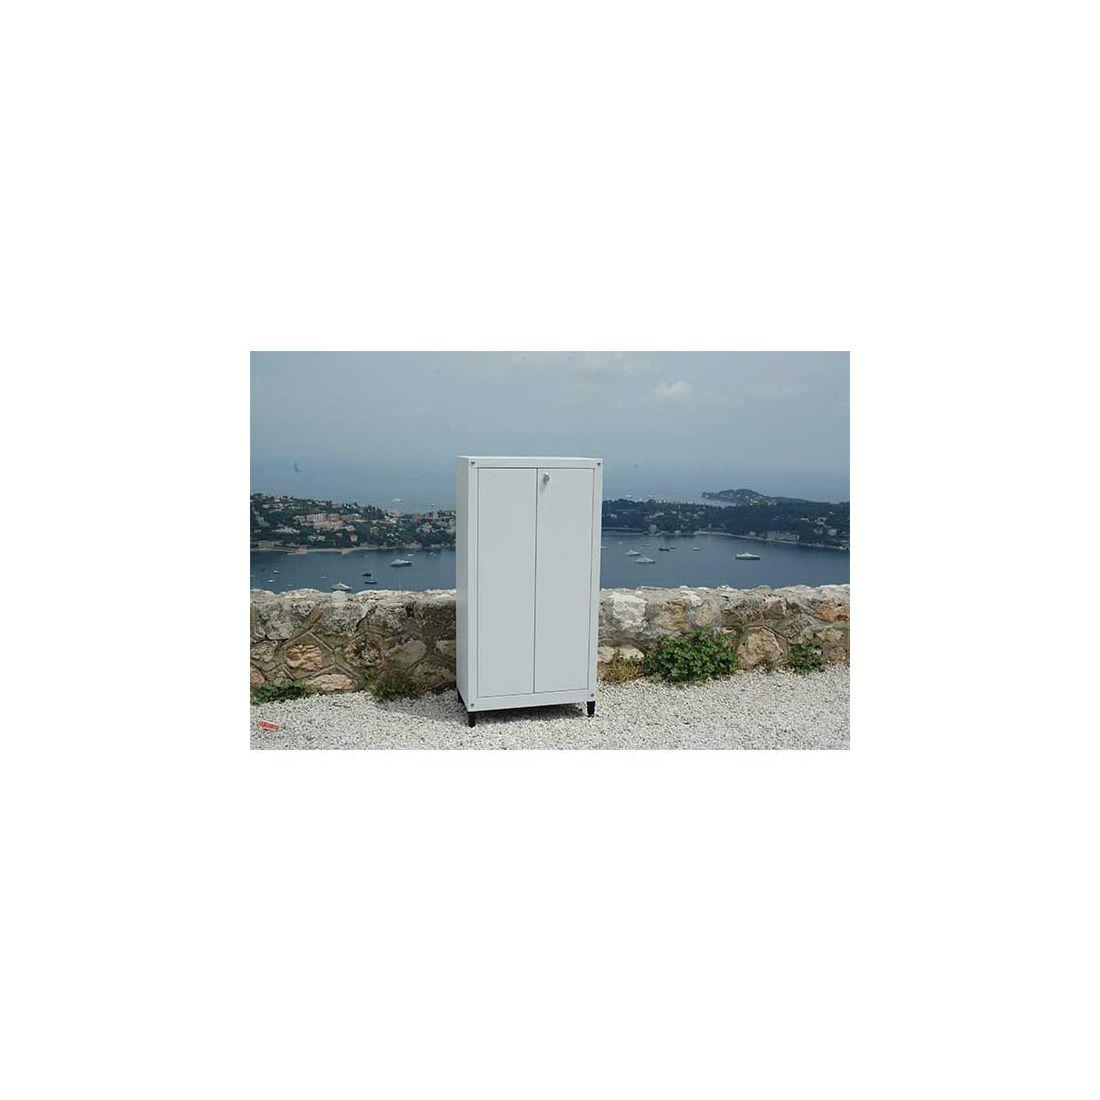 armoire m tallique pour balcon et jardin 120 70 cm 797. Black Bedroom Furniture Sets. Home Design Ideas